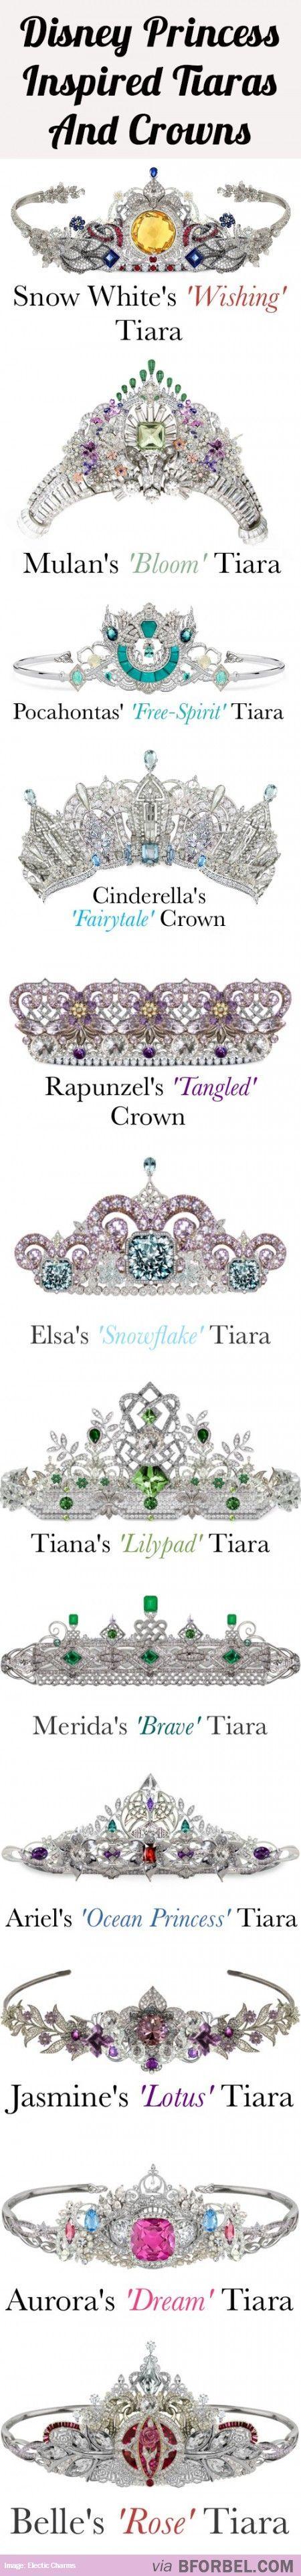 12 Disney Princess Tiaras And Crowns…: